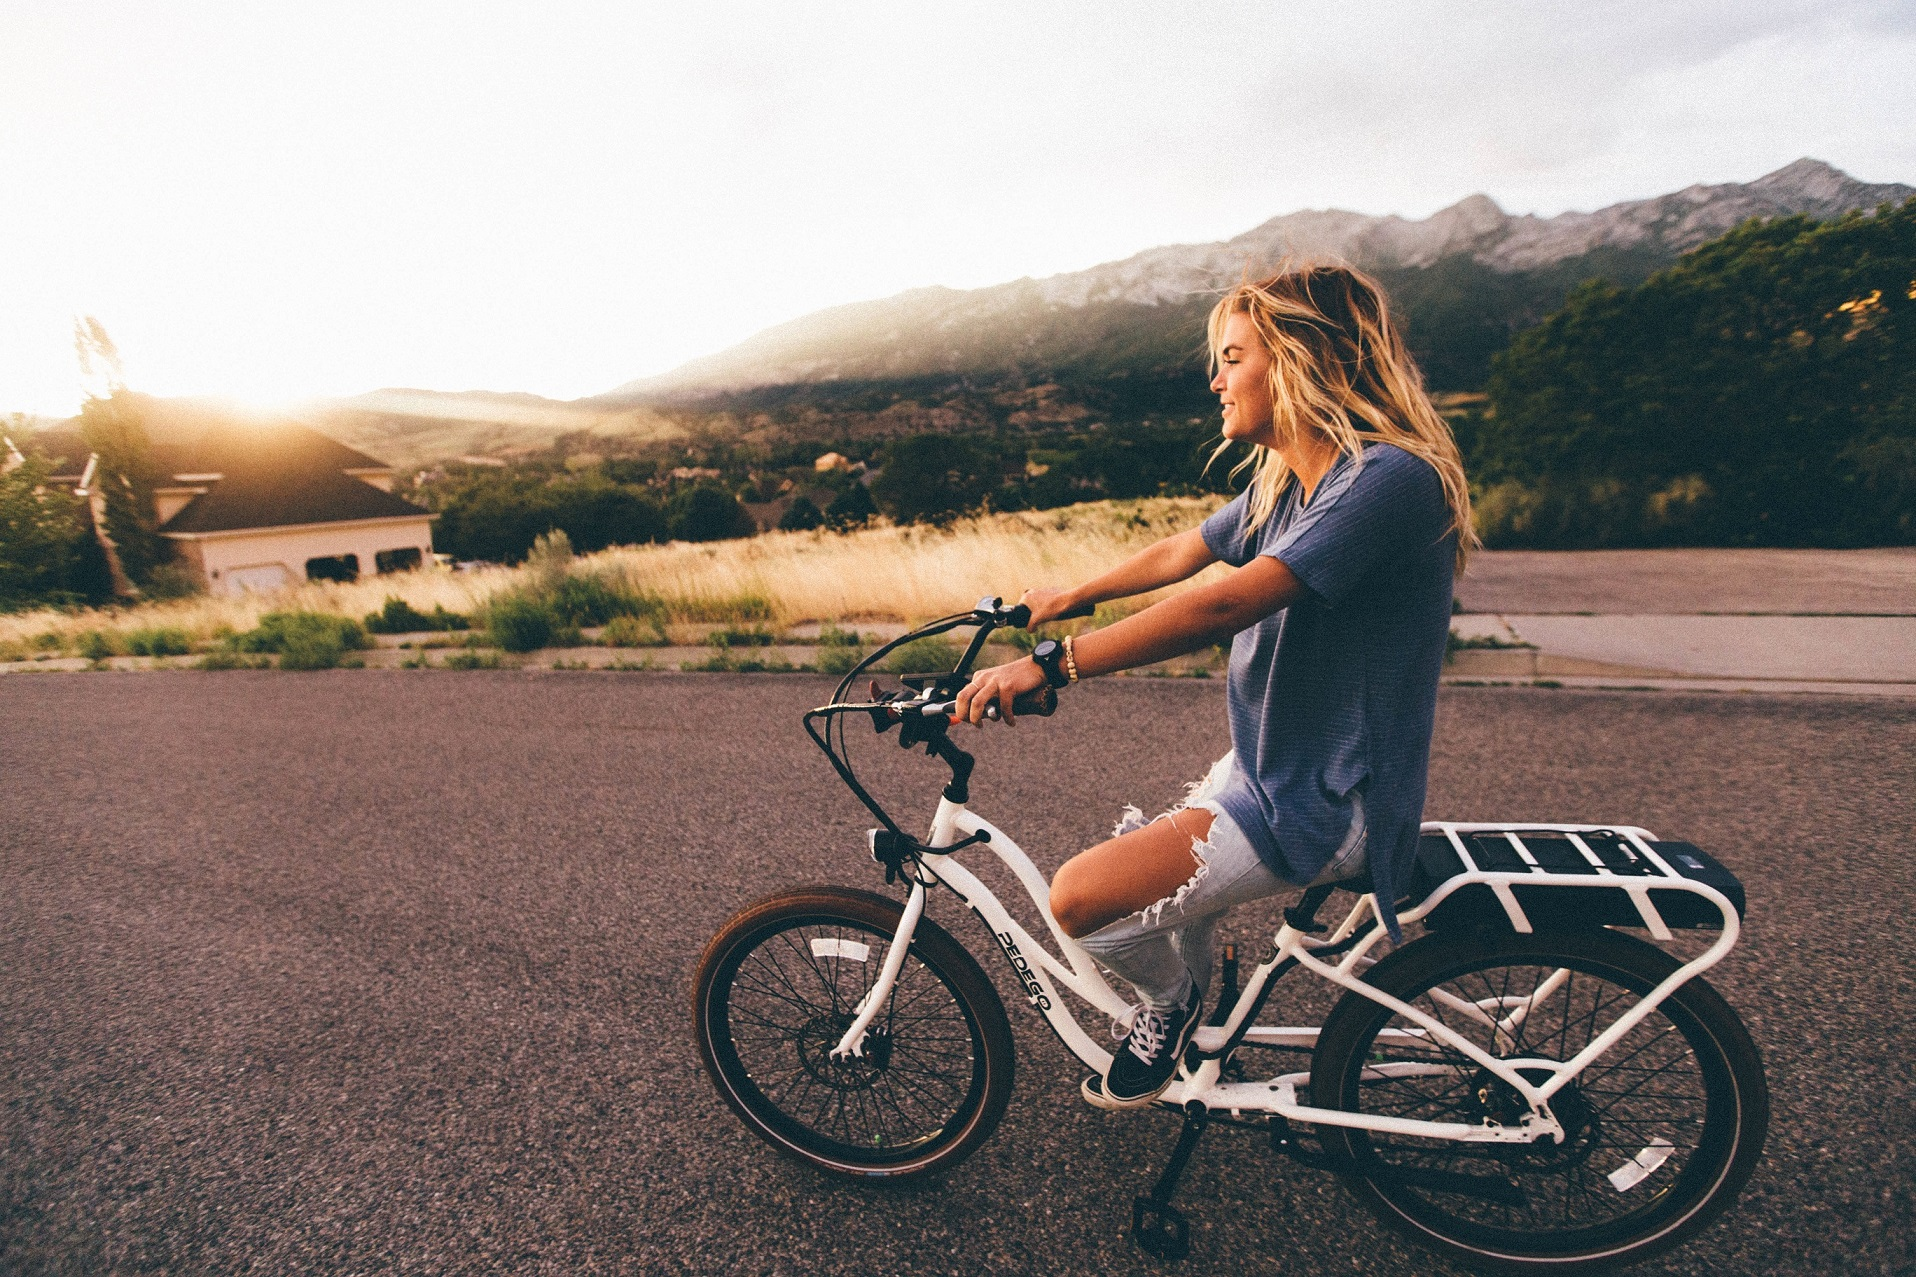 destinos-para-ir-en-bici-muchosol